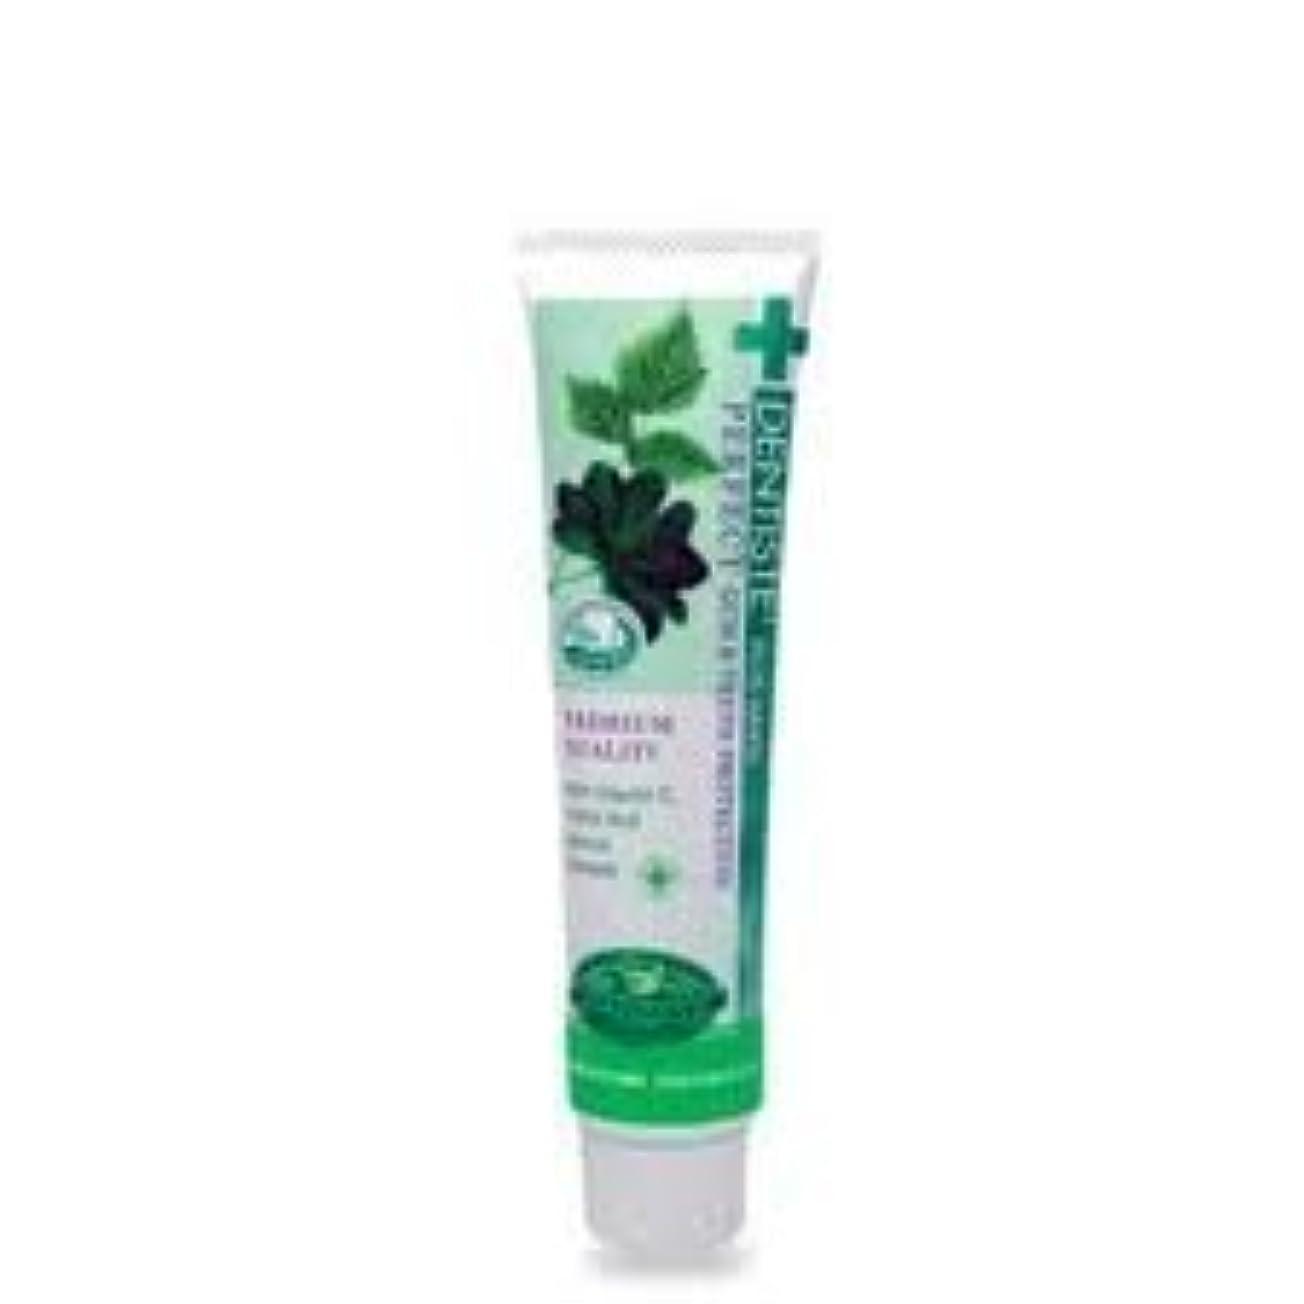 鎖生き物元に戻すDentiste Night Time Active Whitening Toothpaste 100 G Thailand Product by Dentiste